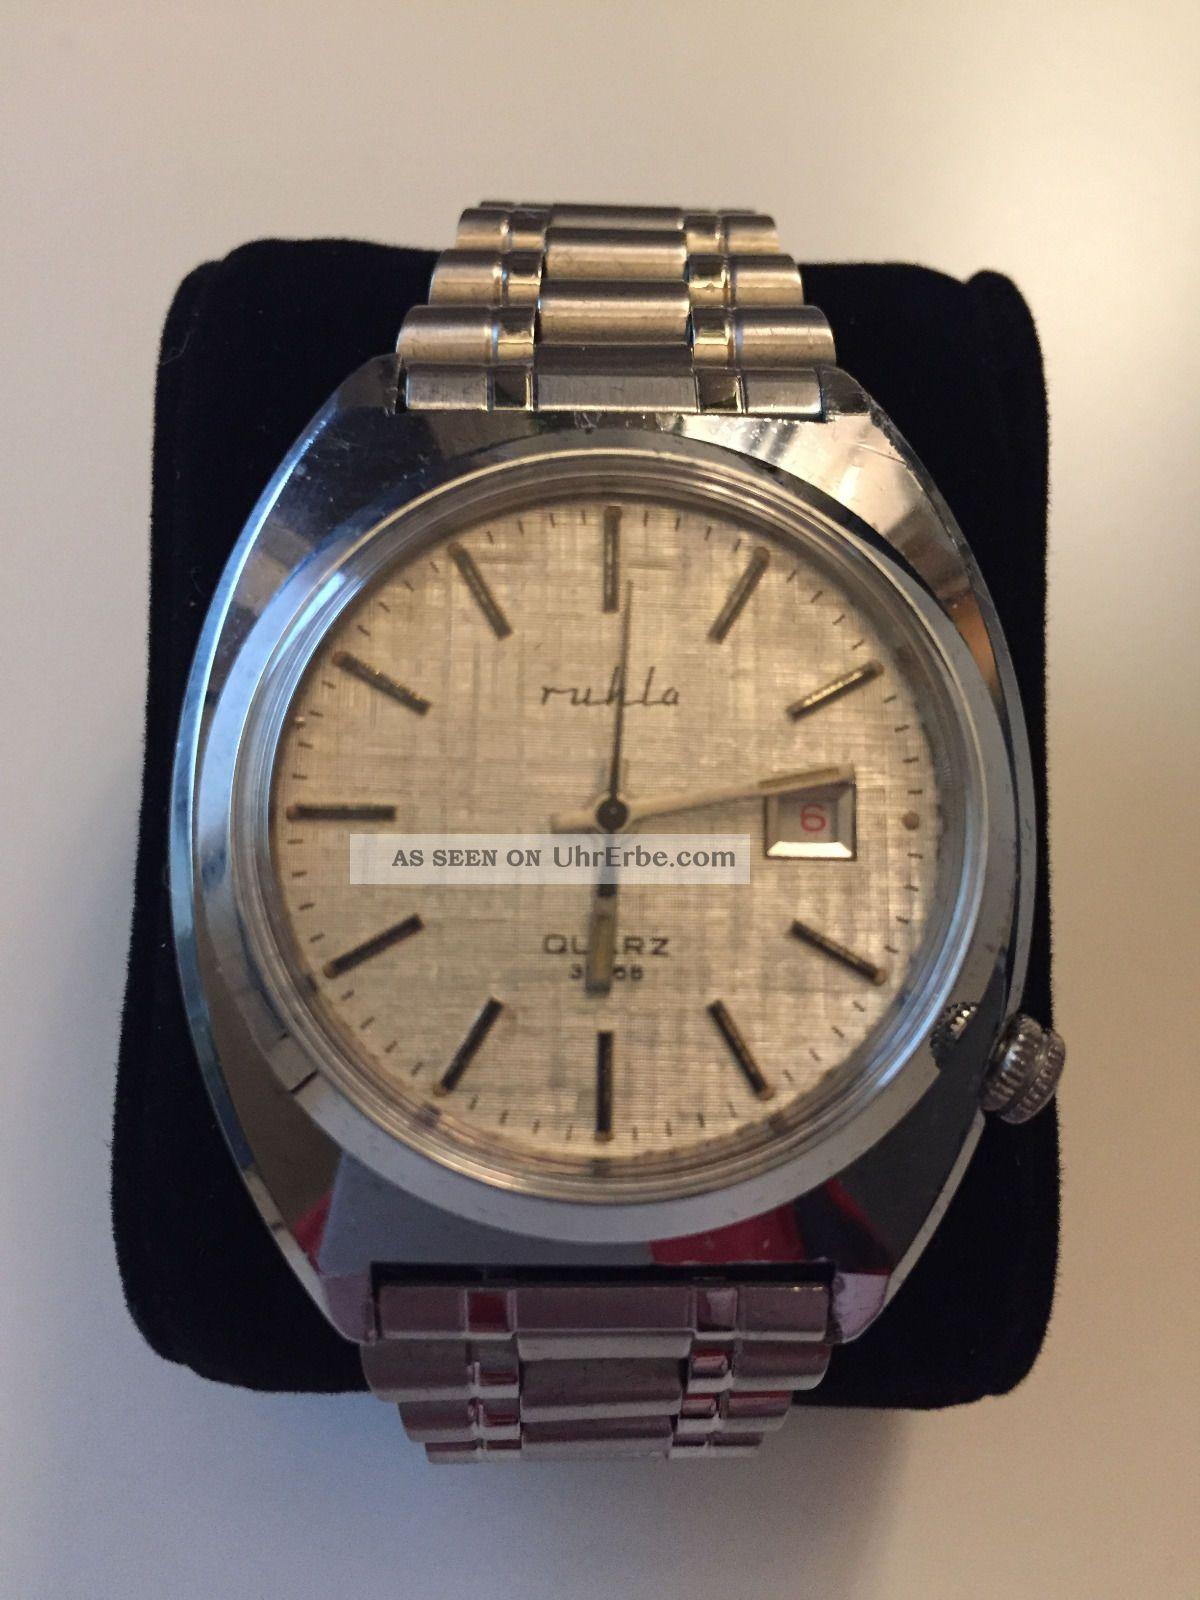 Ruhla Quarz Analog Uhr Ddr,  Modell 32768,  Nos,  Hau,  Kein Lcd,  Ungetragen,  Vintage Armbanduhren Bild